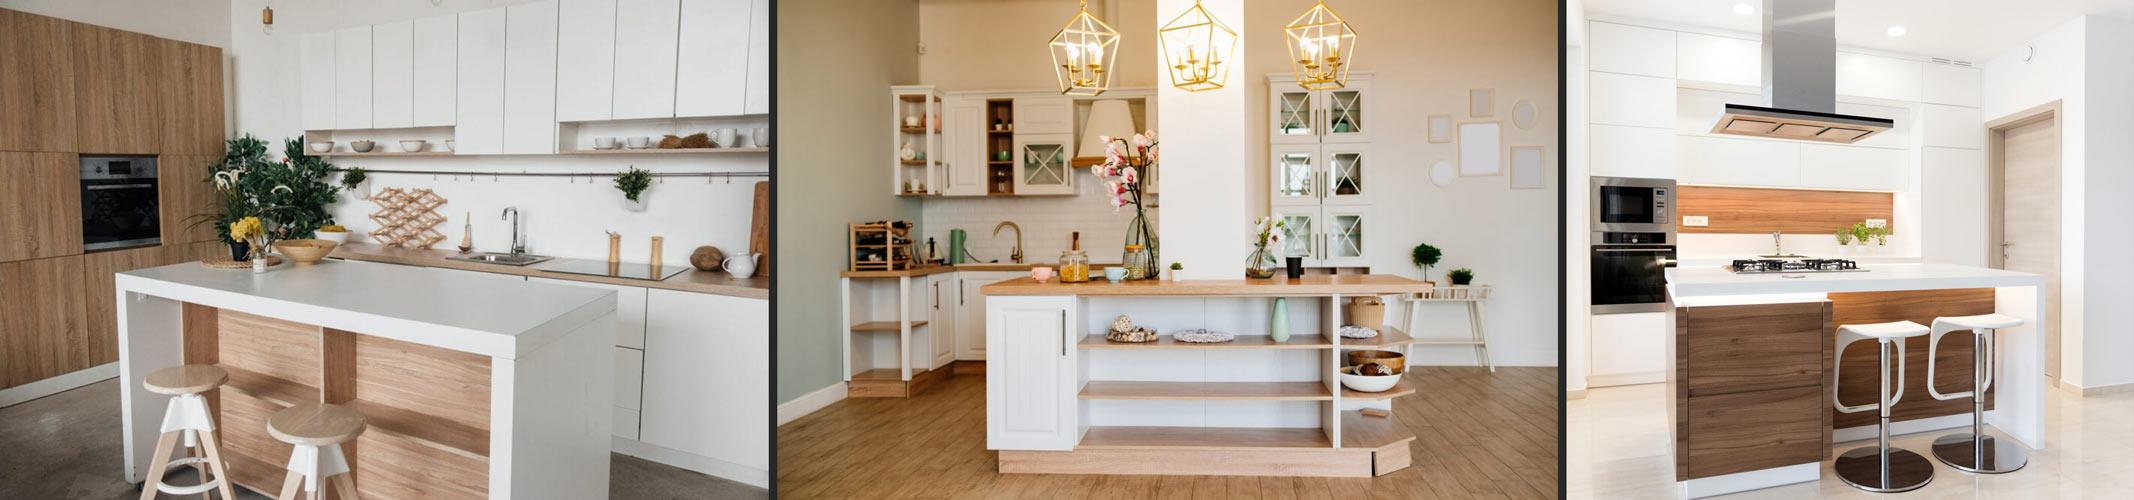 معرفی انواع طرح های جزیره برای آشپزخانه منزل